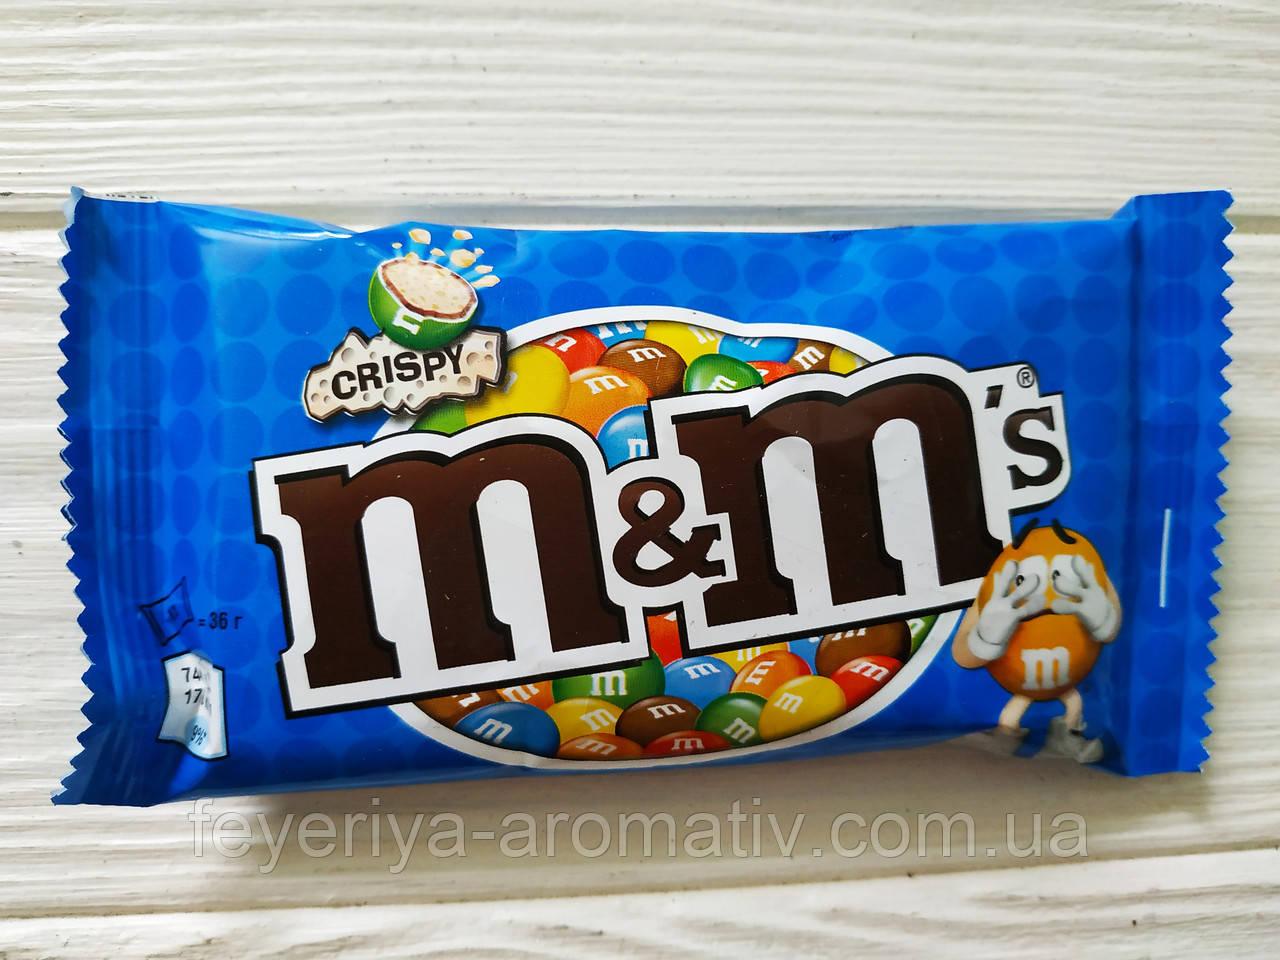 Драже M&M's с рисовыми криспами в шоколаде и глазури 36гр (Польша)